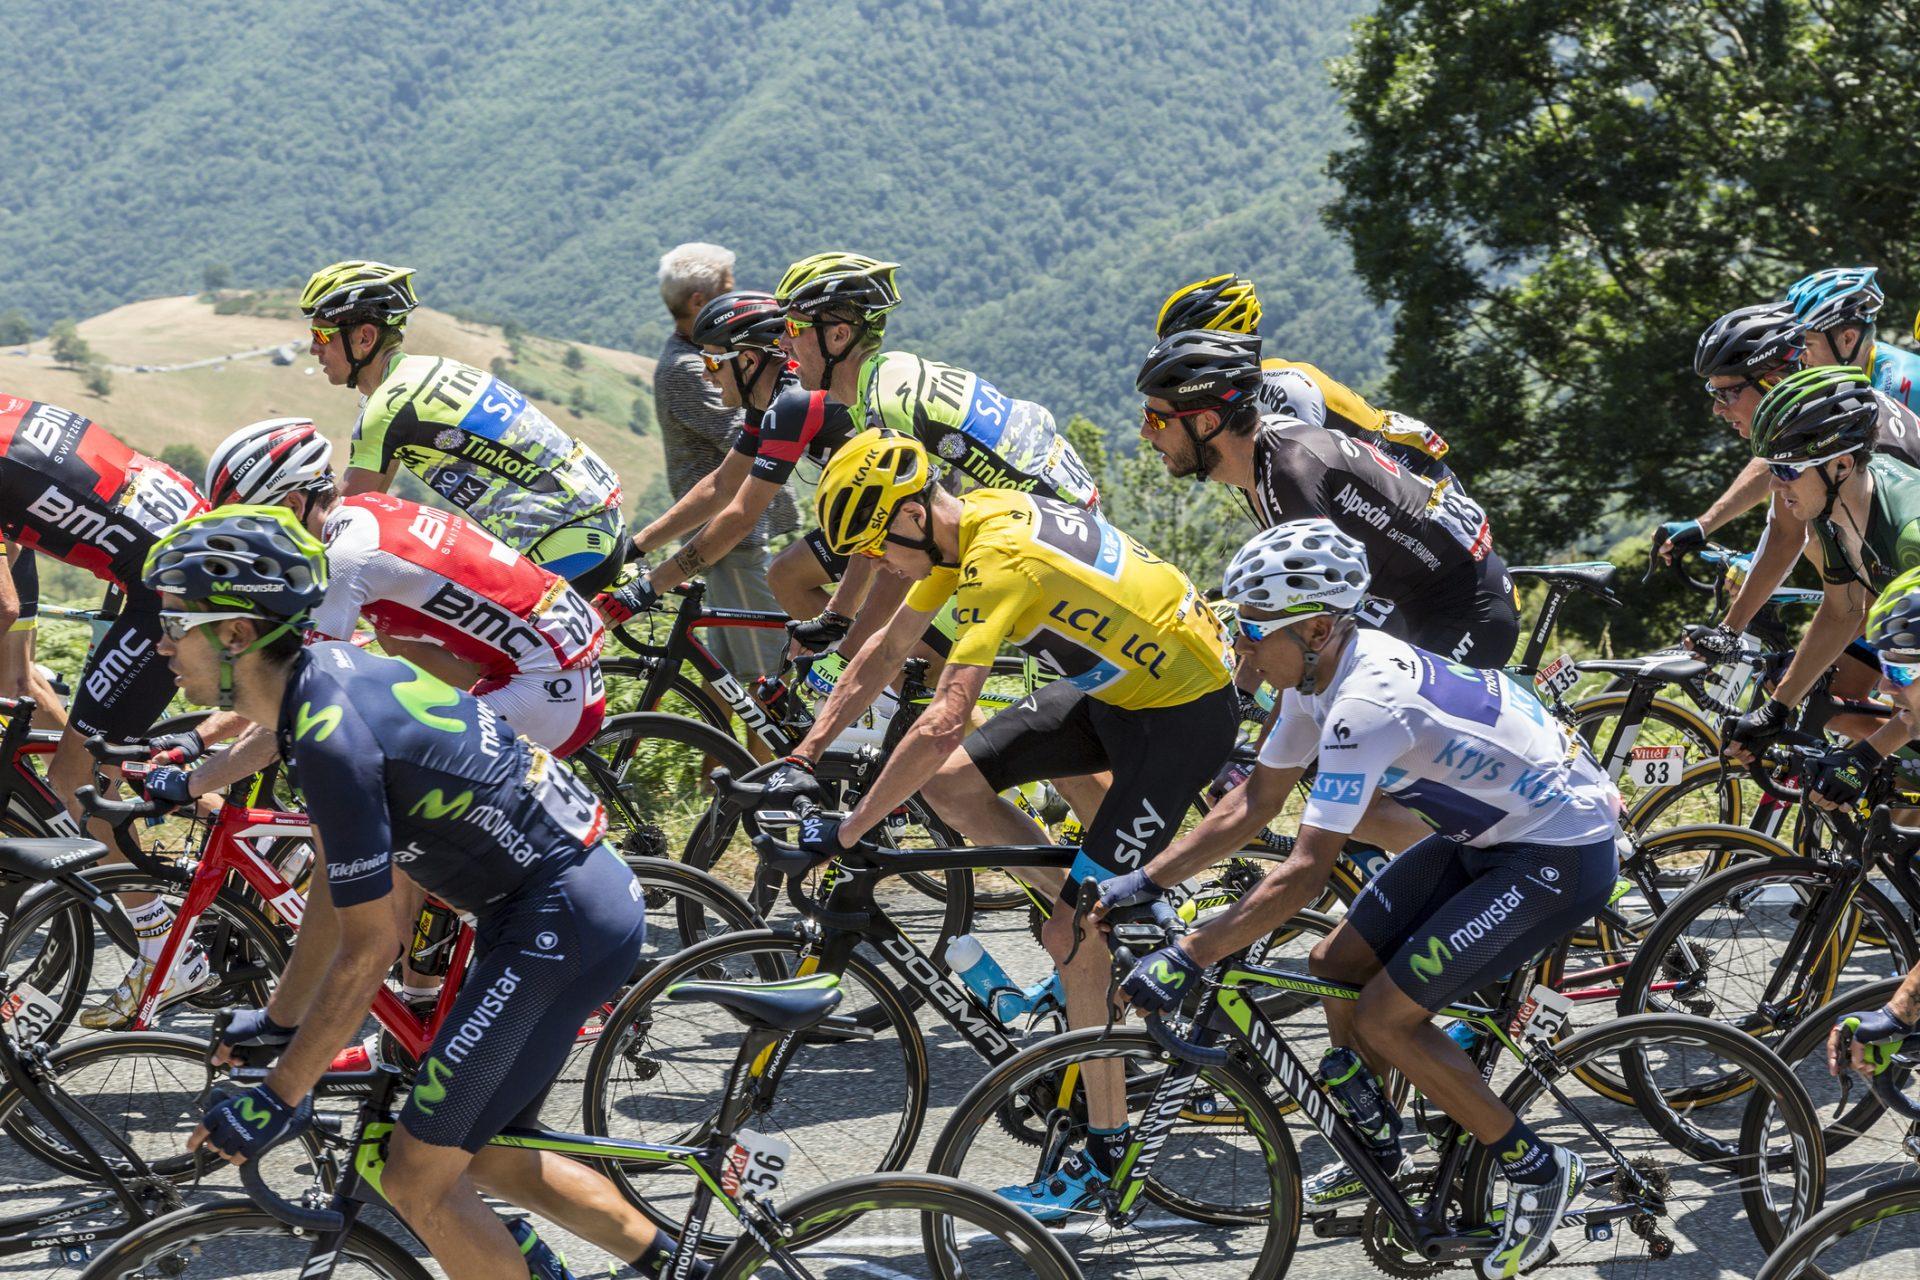 Tour de France 2019 Preview & Guide 3